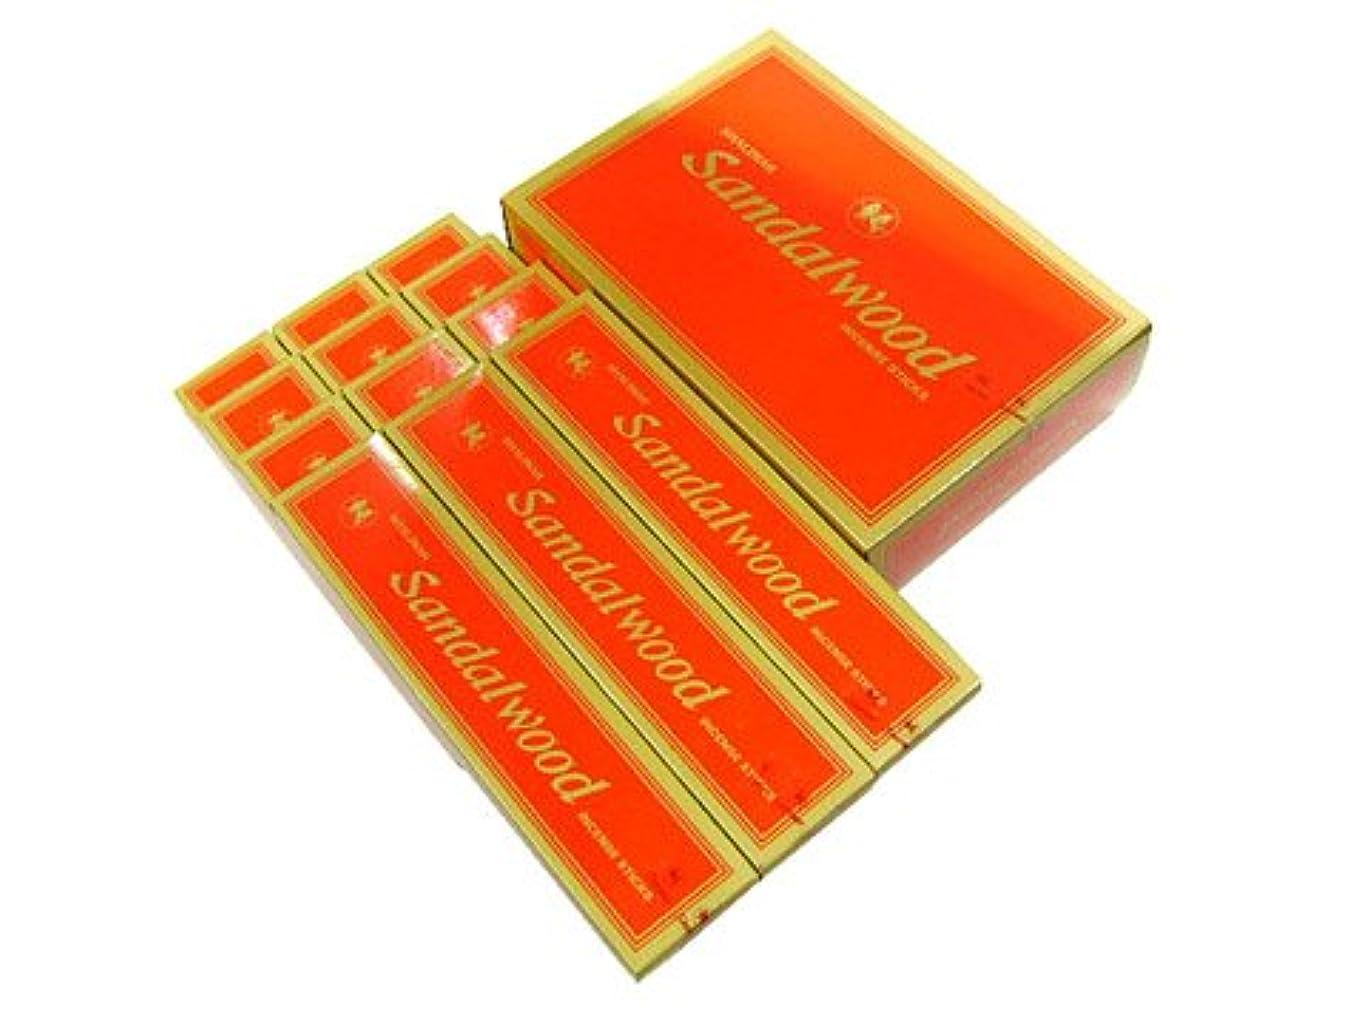 どっち統合娯楽SHALIMAR(シャリマー) SANDALWOOD サンダルウッド香(レギュラーボックス) スティック 12箱セット